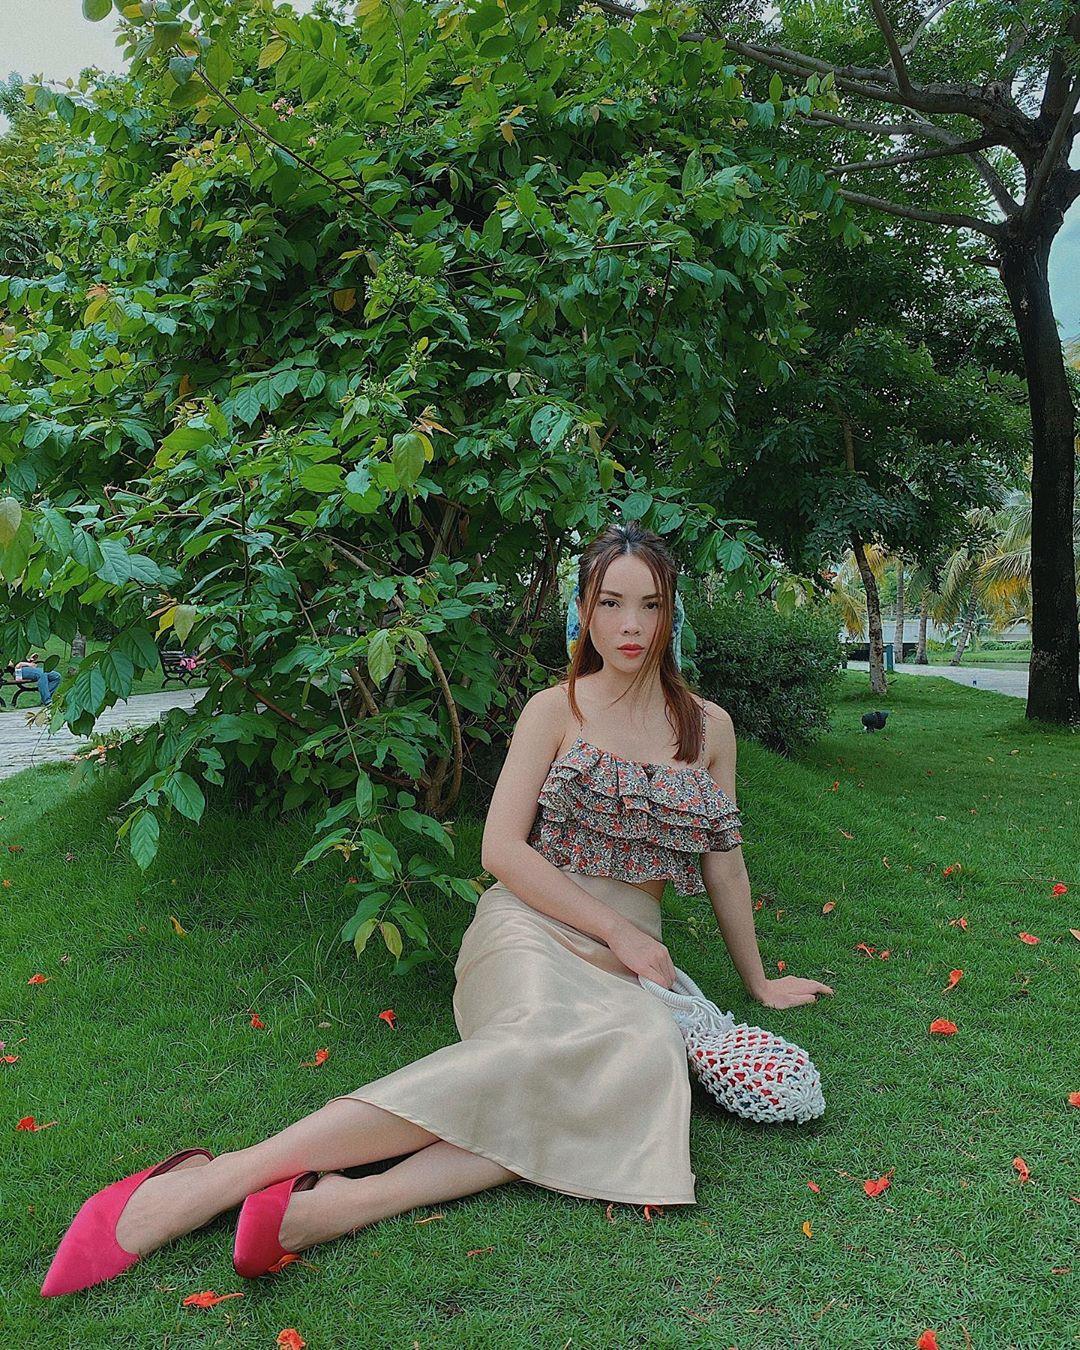 Các mỹ nhân Việt có loạt cách diện chân váy siêu xinh, bạn áp dụng thì sẽ đẹp mọi lúc mọi nơi - Ảnh 1.